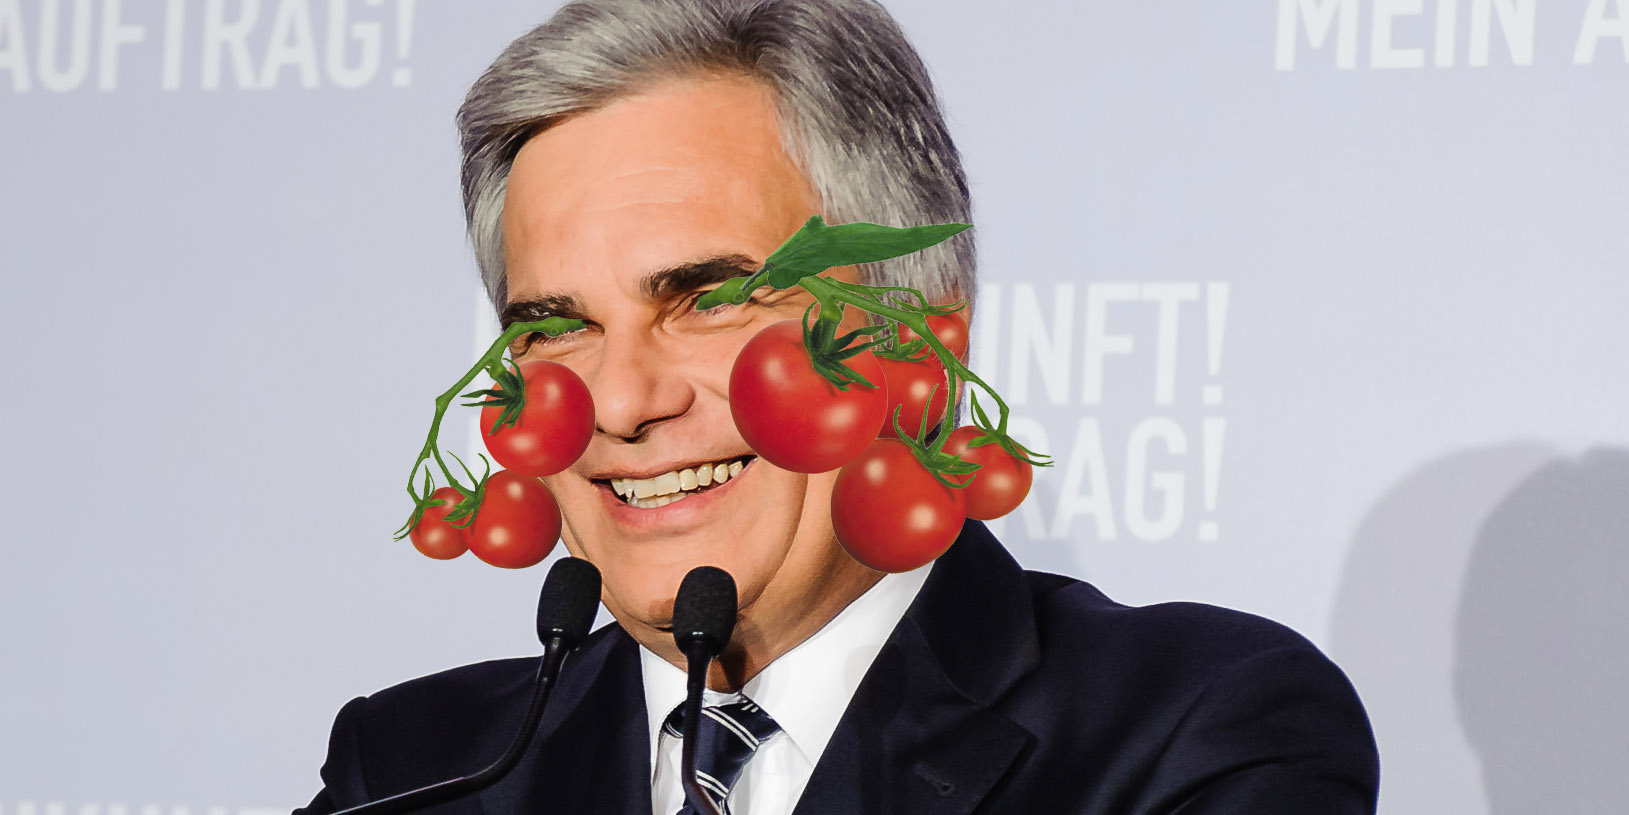 Tomaten in Faymanns Augen